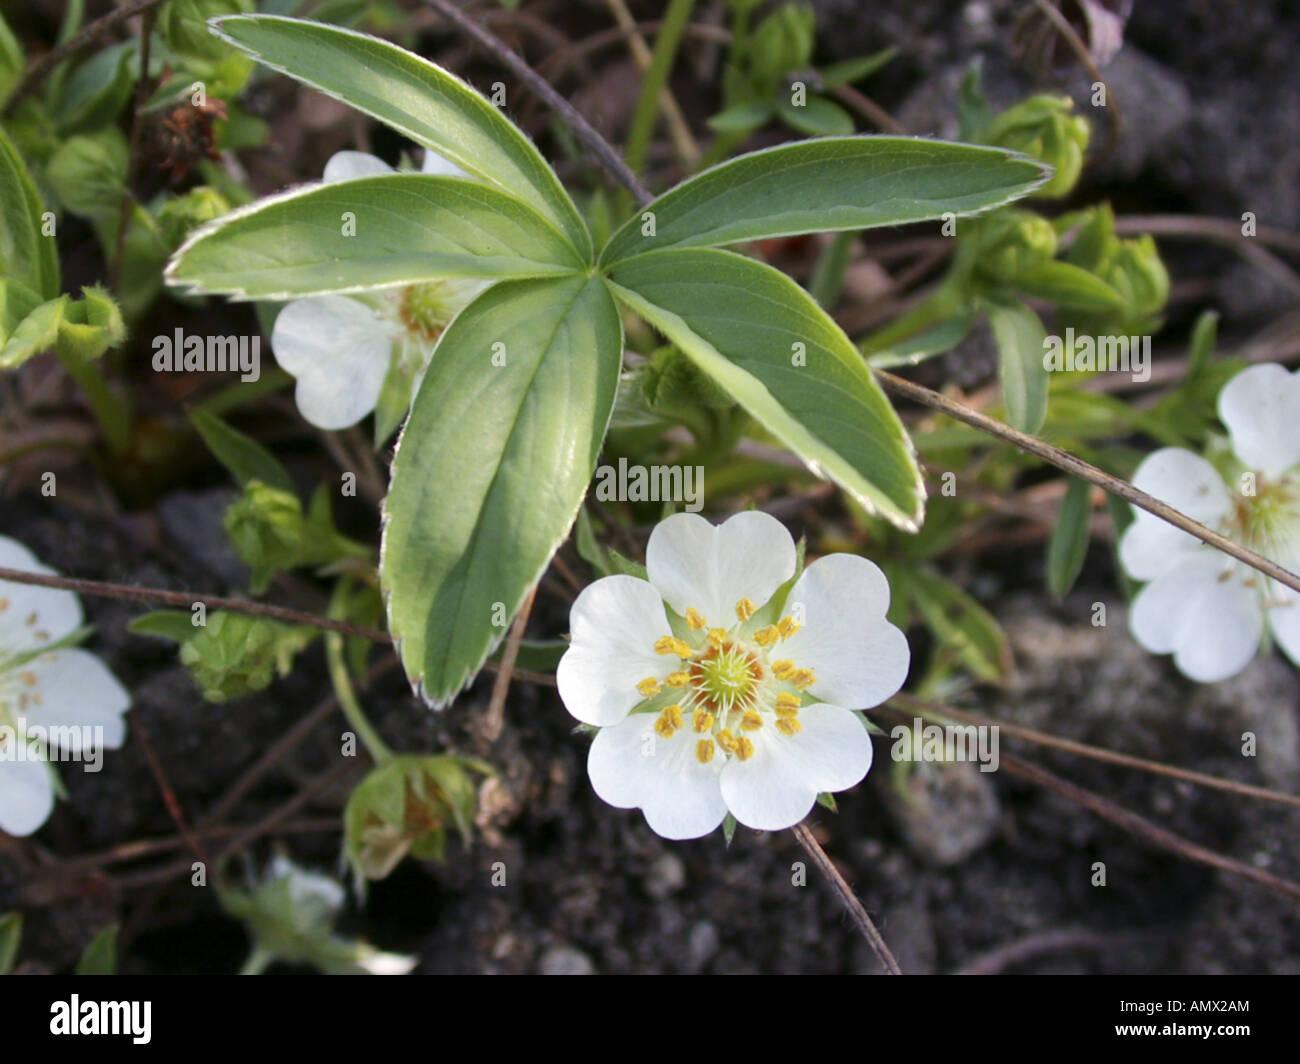 white cinquefoil (Potentilla alba), blooming plant Stock Photo